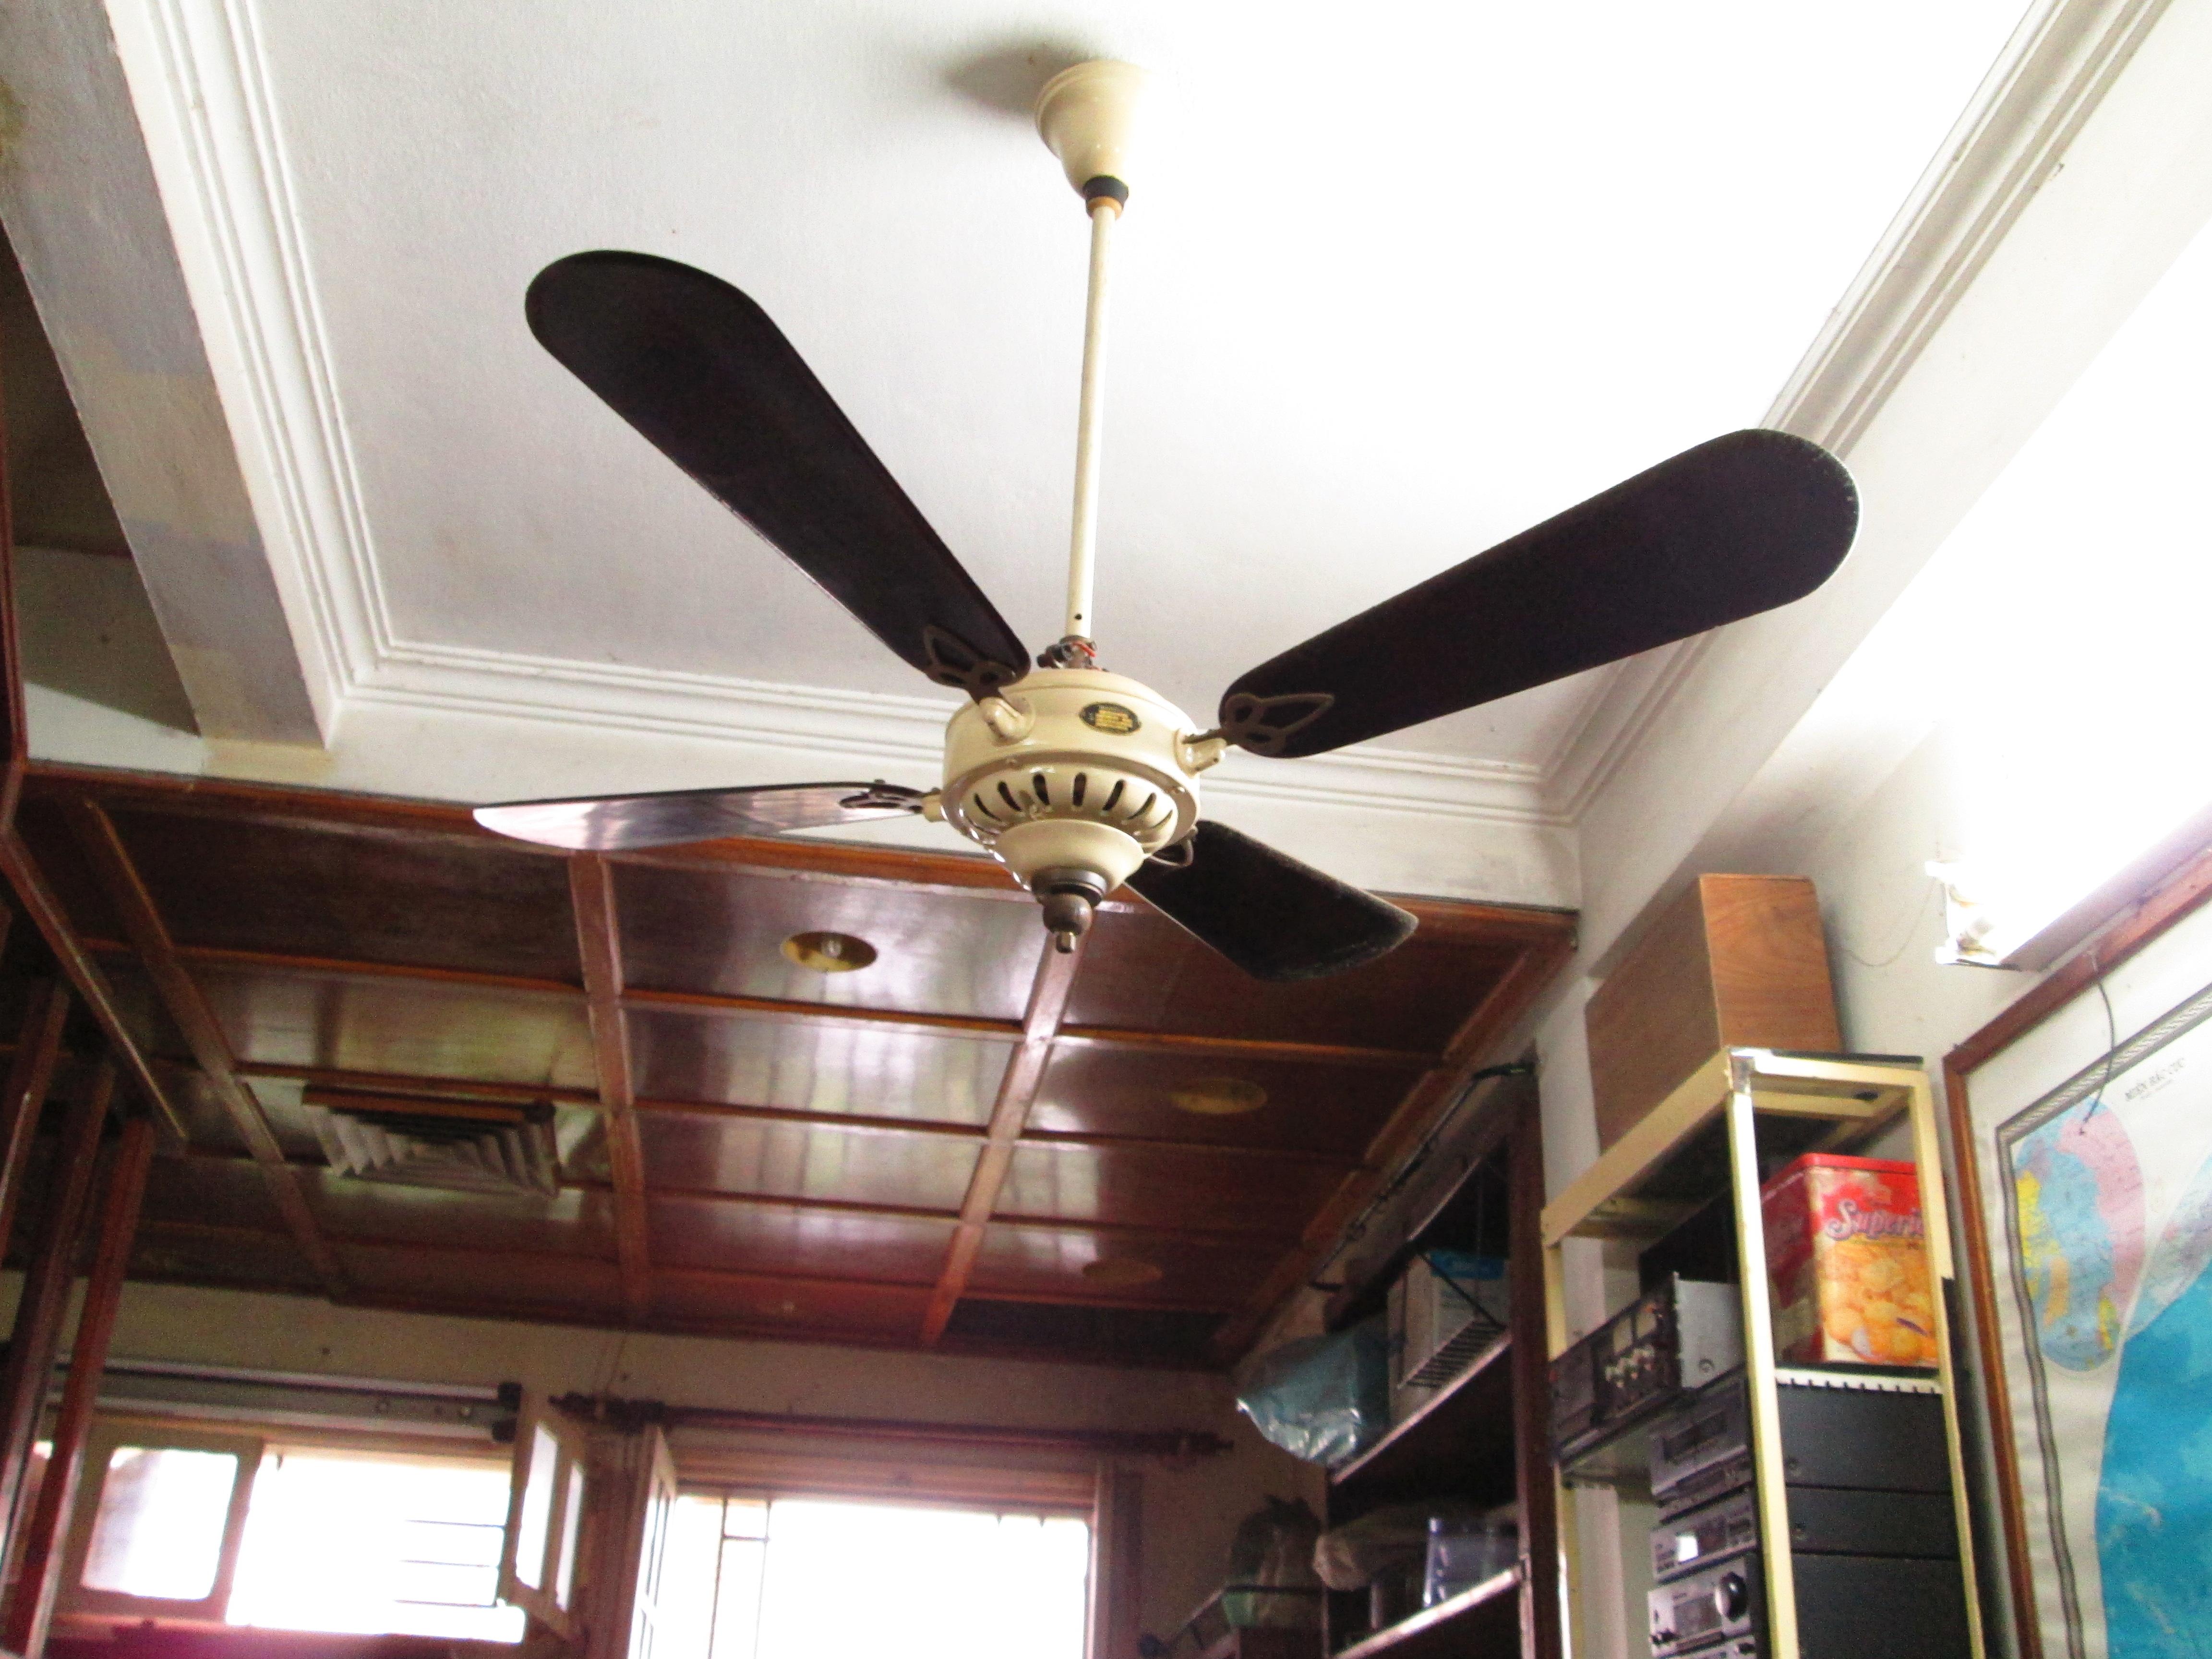 1920 -1930C. Century Antique Marelli fan